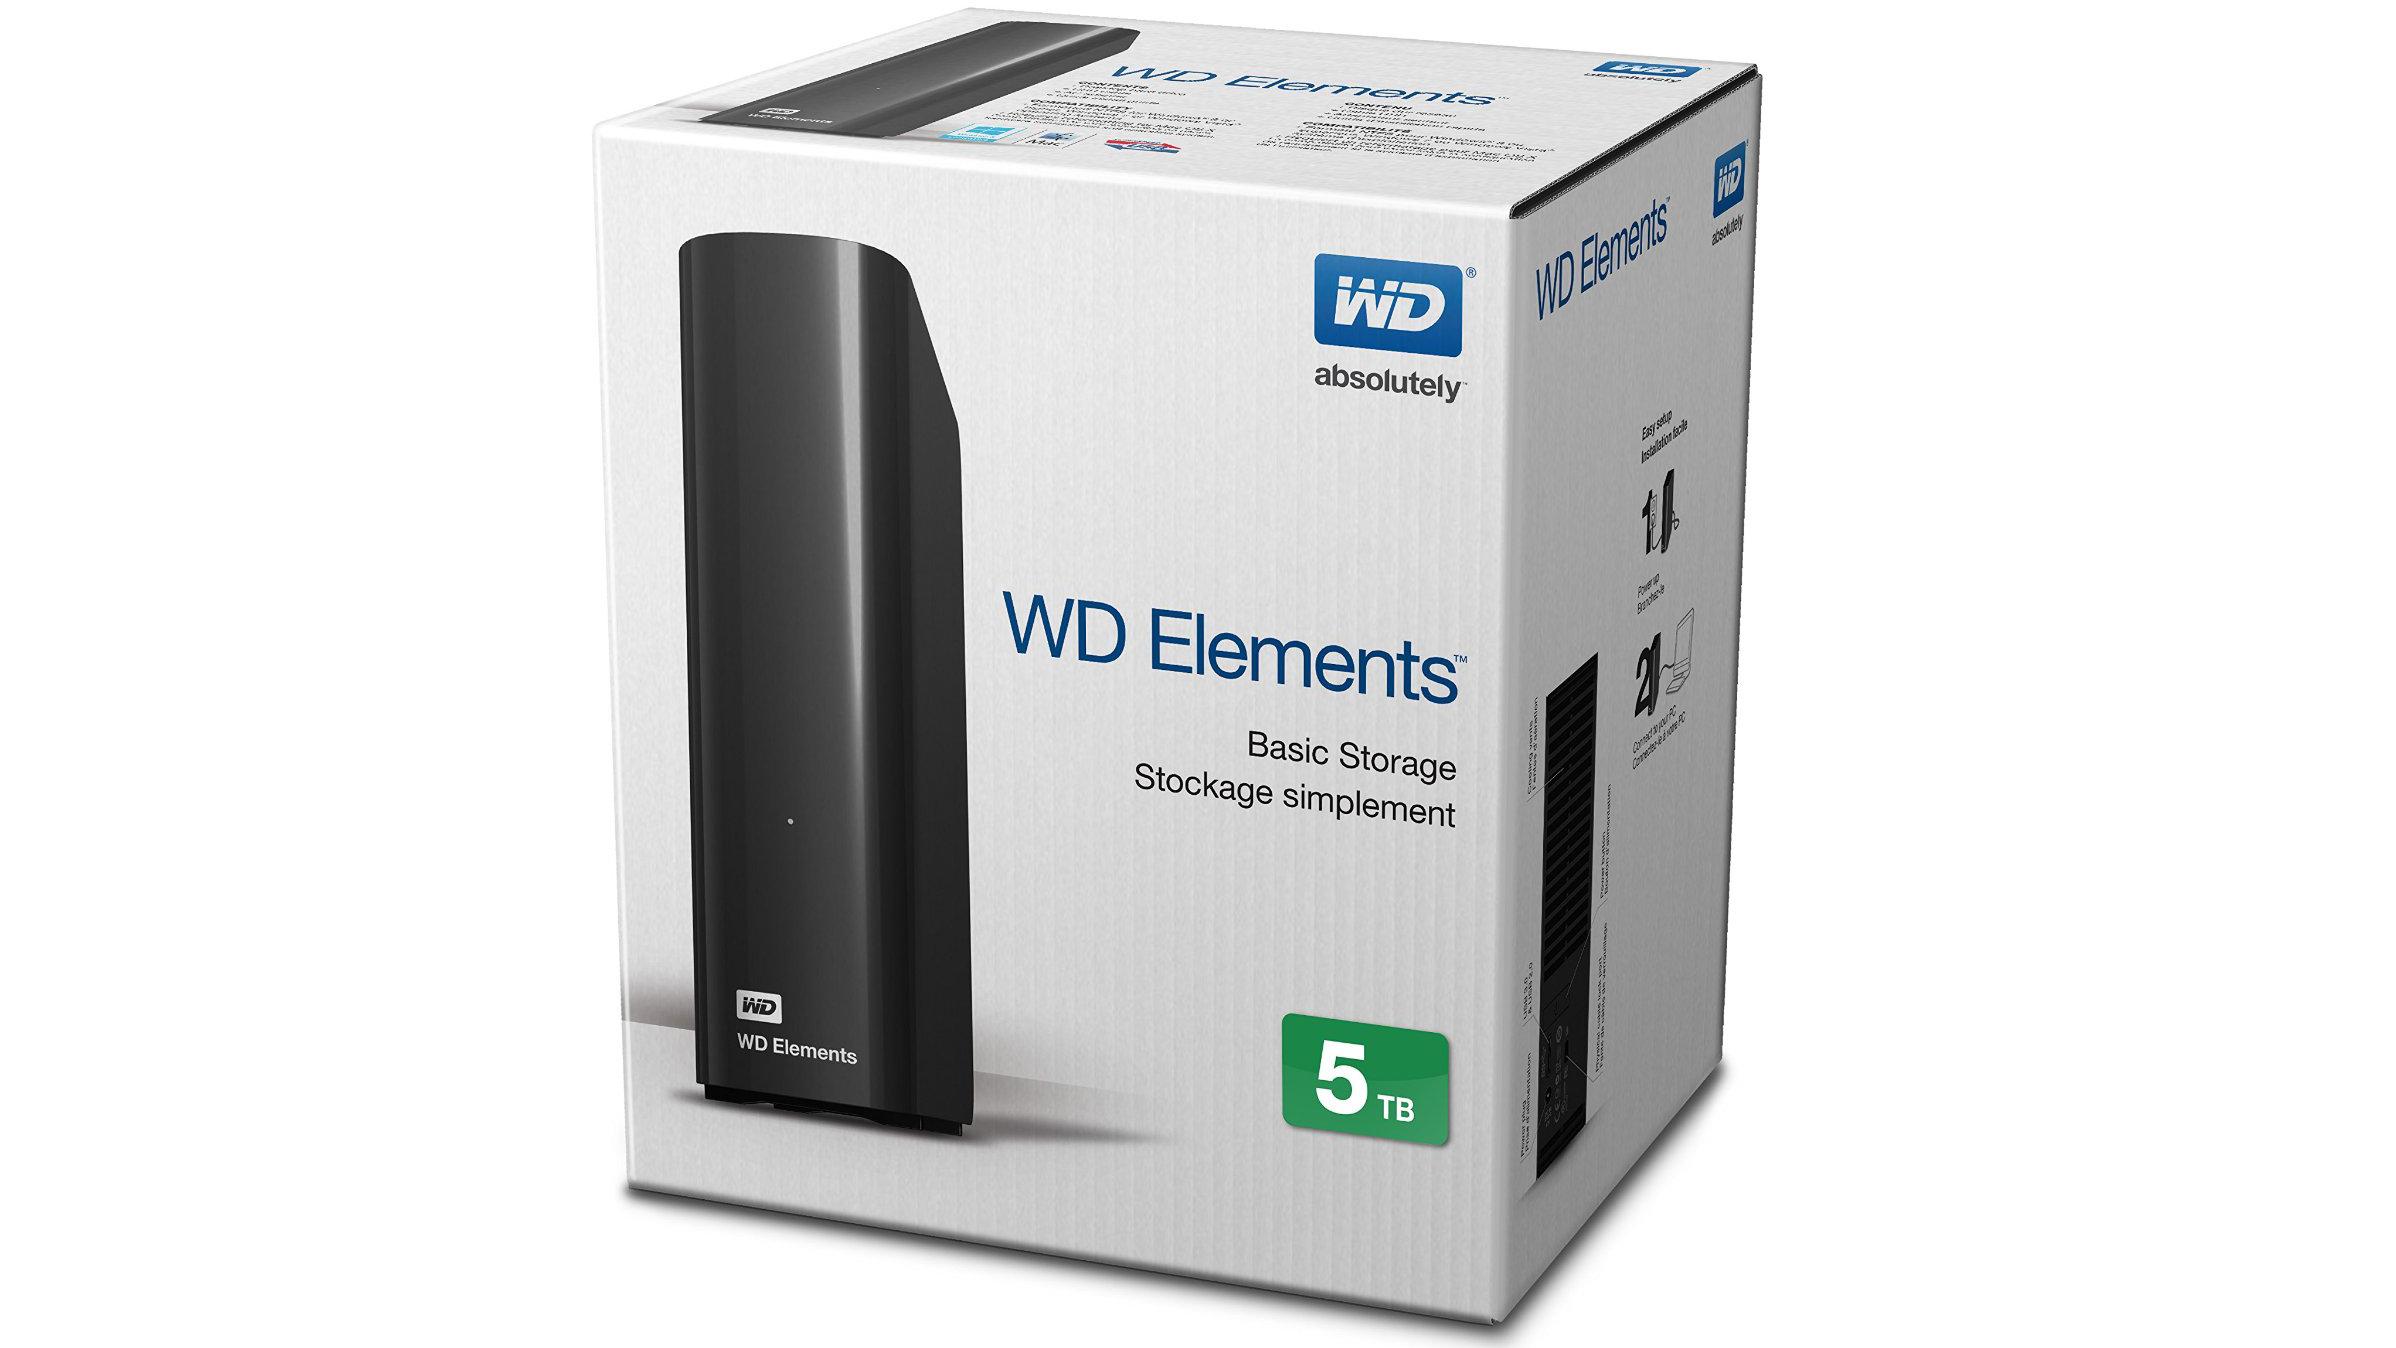 wd-elements-5tb-hard drive